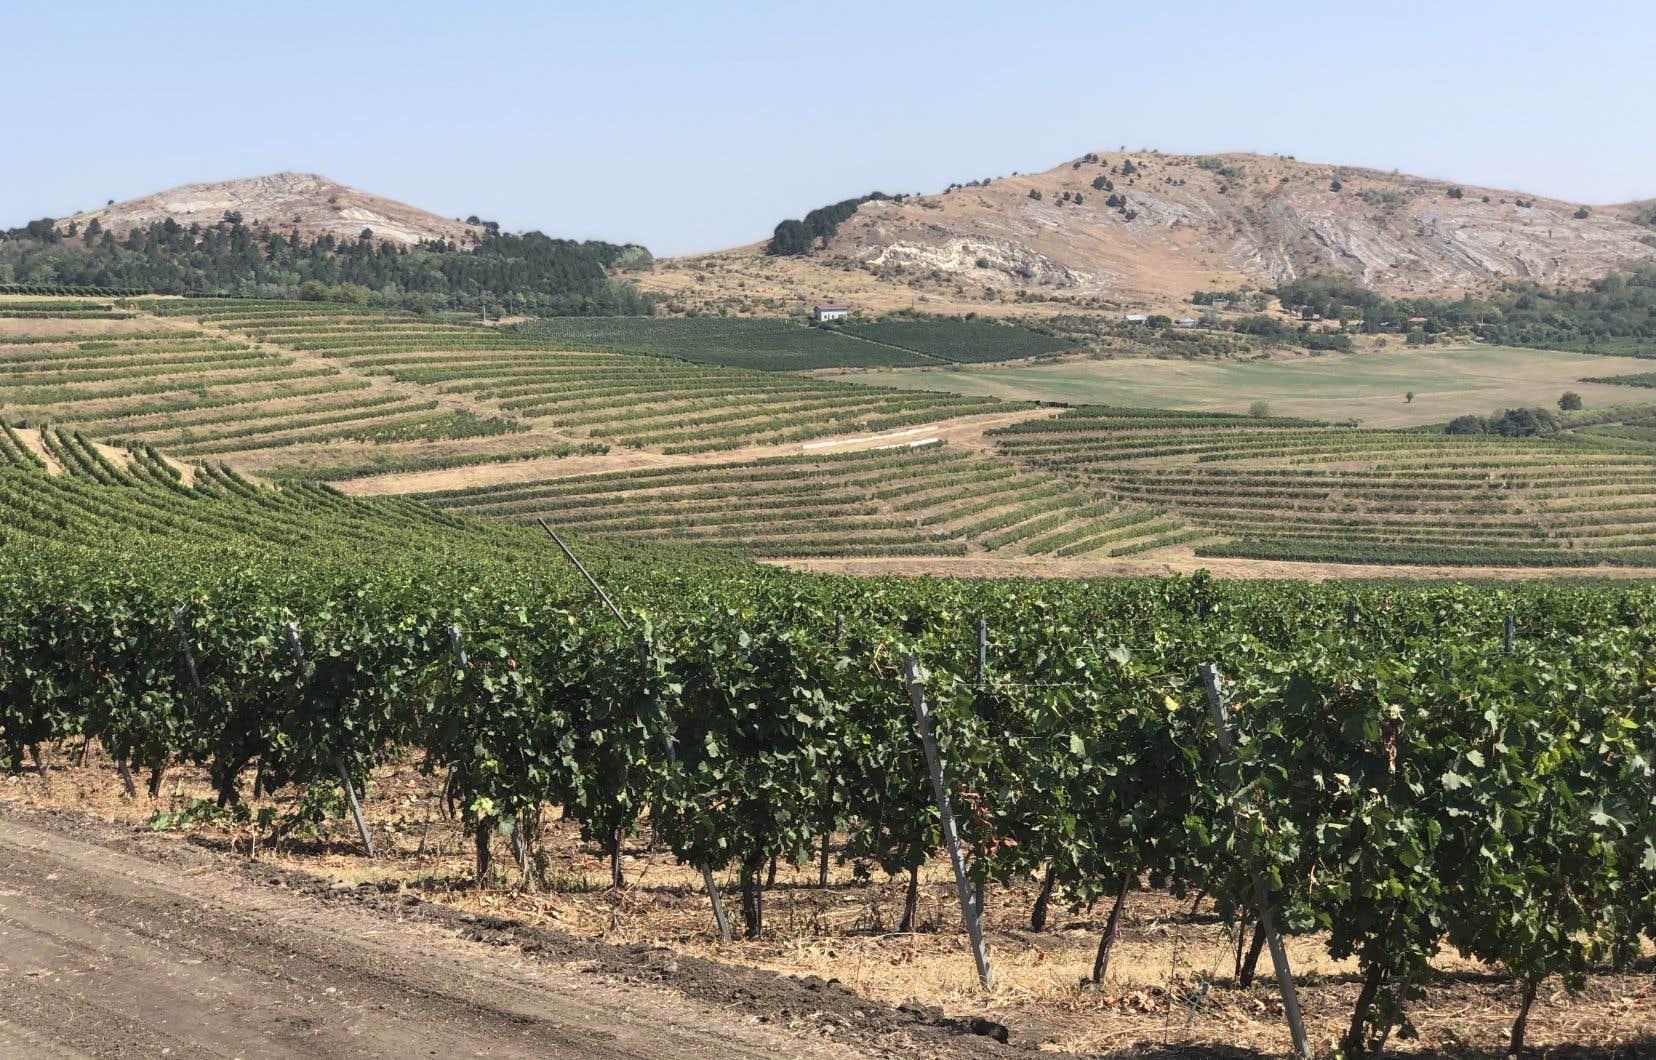 Le vignoble Buduaresca fondé en 2007, a misé sur l'expertise d'un œnologue britannique pour créer des vins élégants avec une touche moderne.